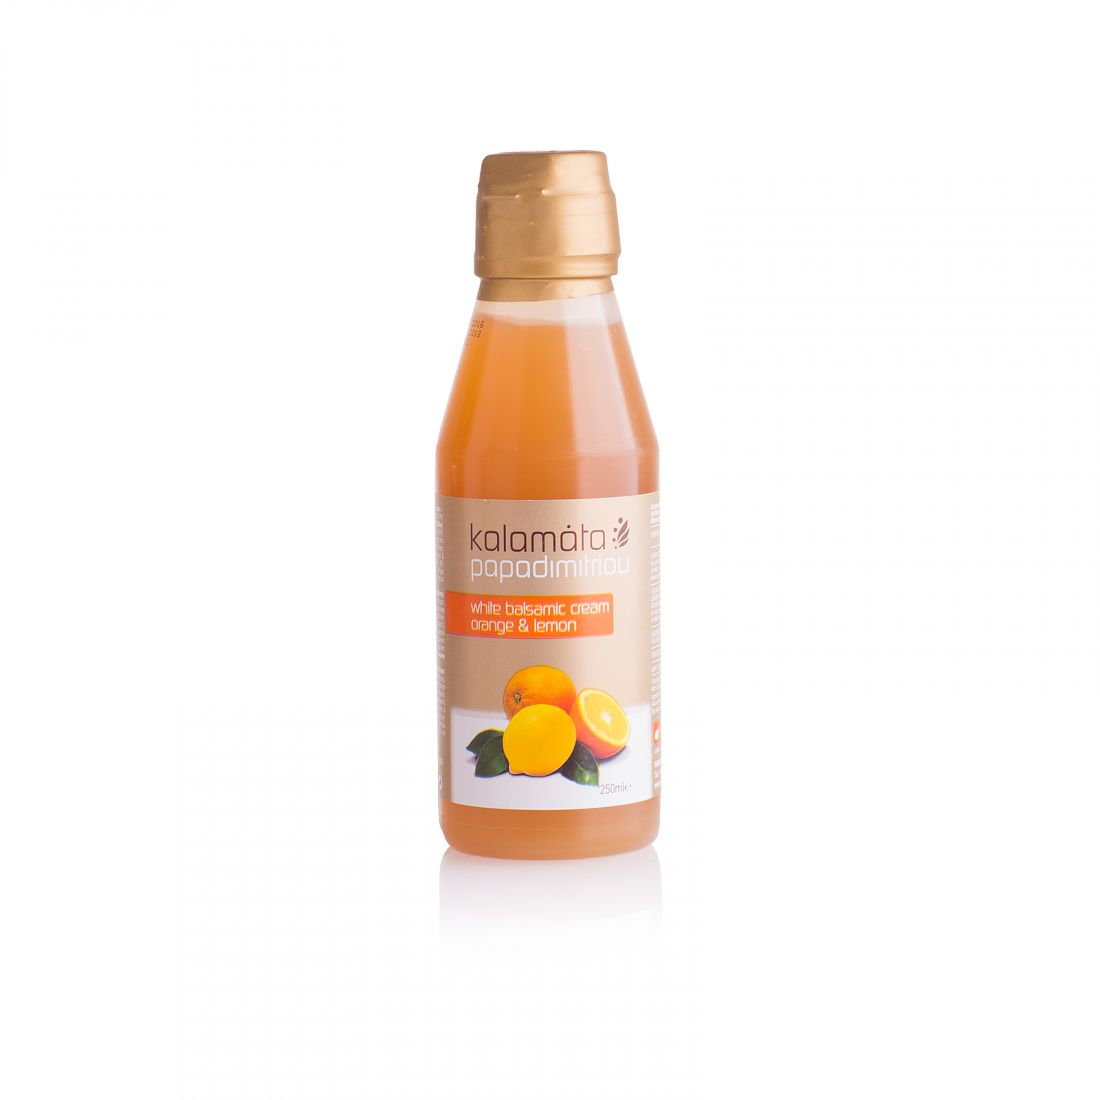 Бальзамический соус с апельсином и лимоном Kalamata Papadimitriou - 250 мл - в пластике